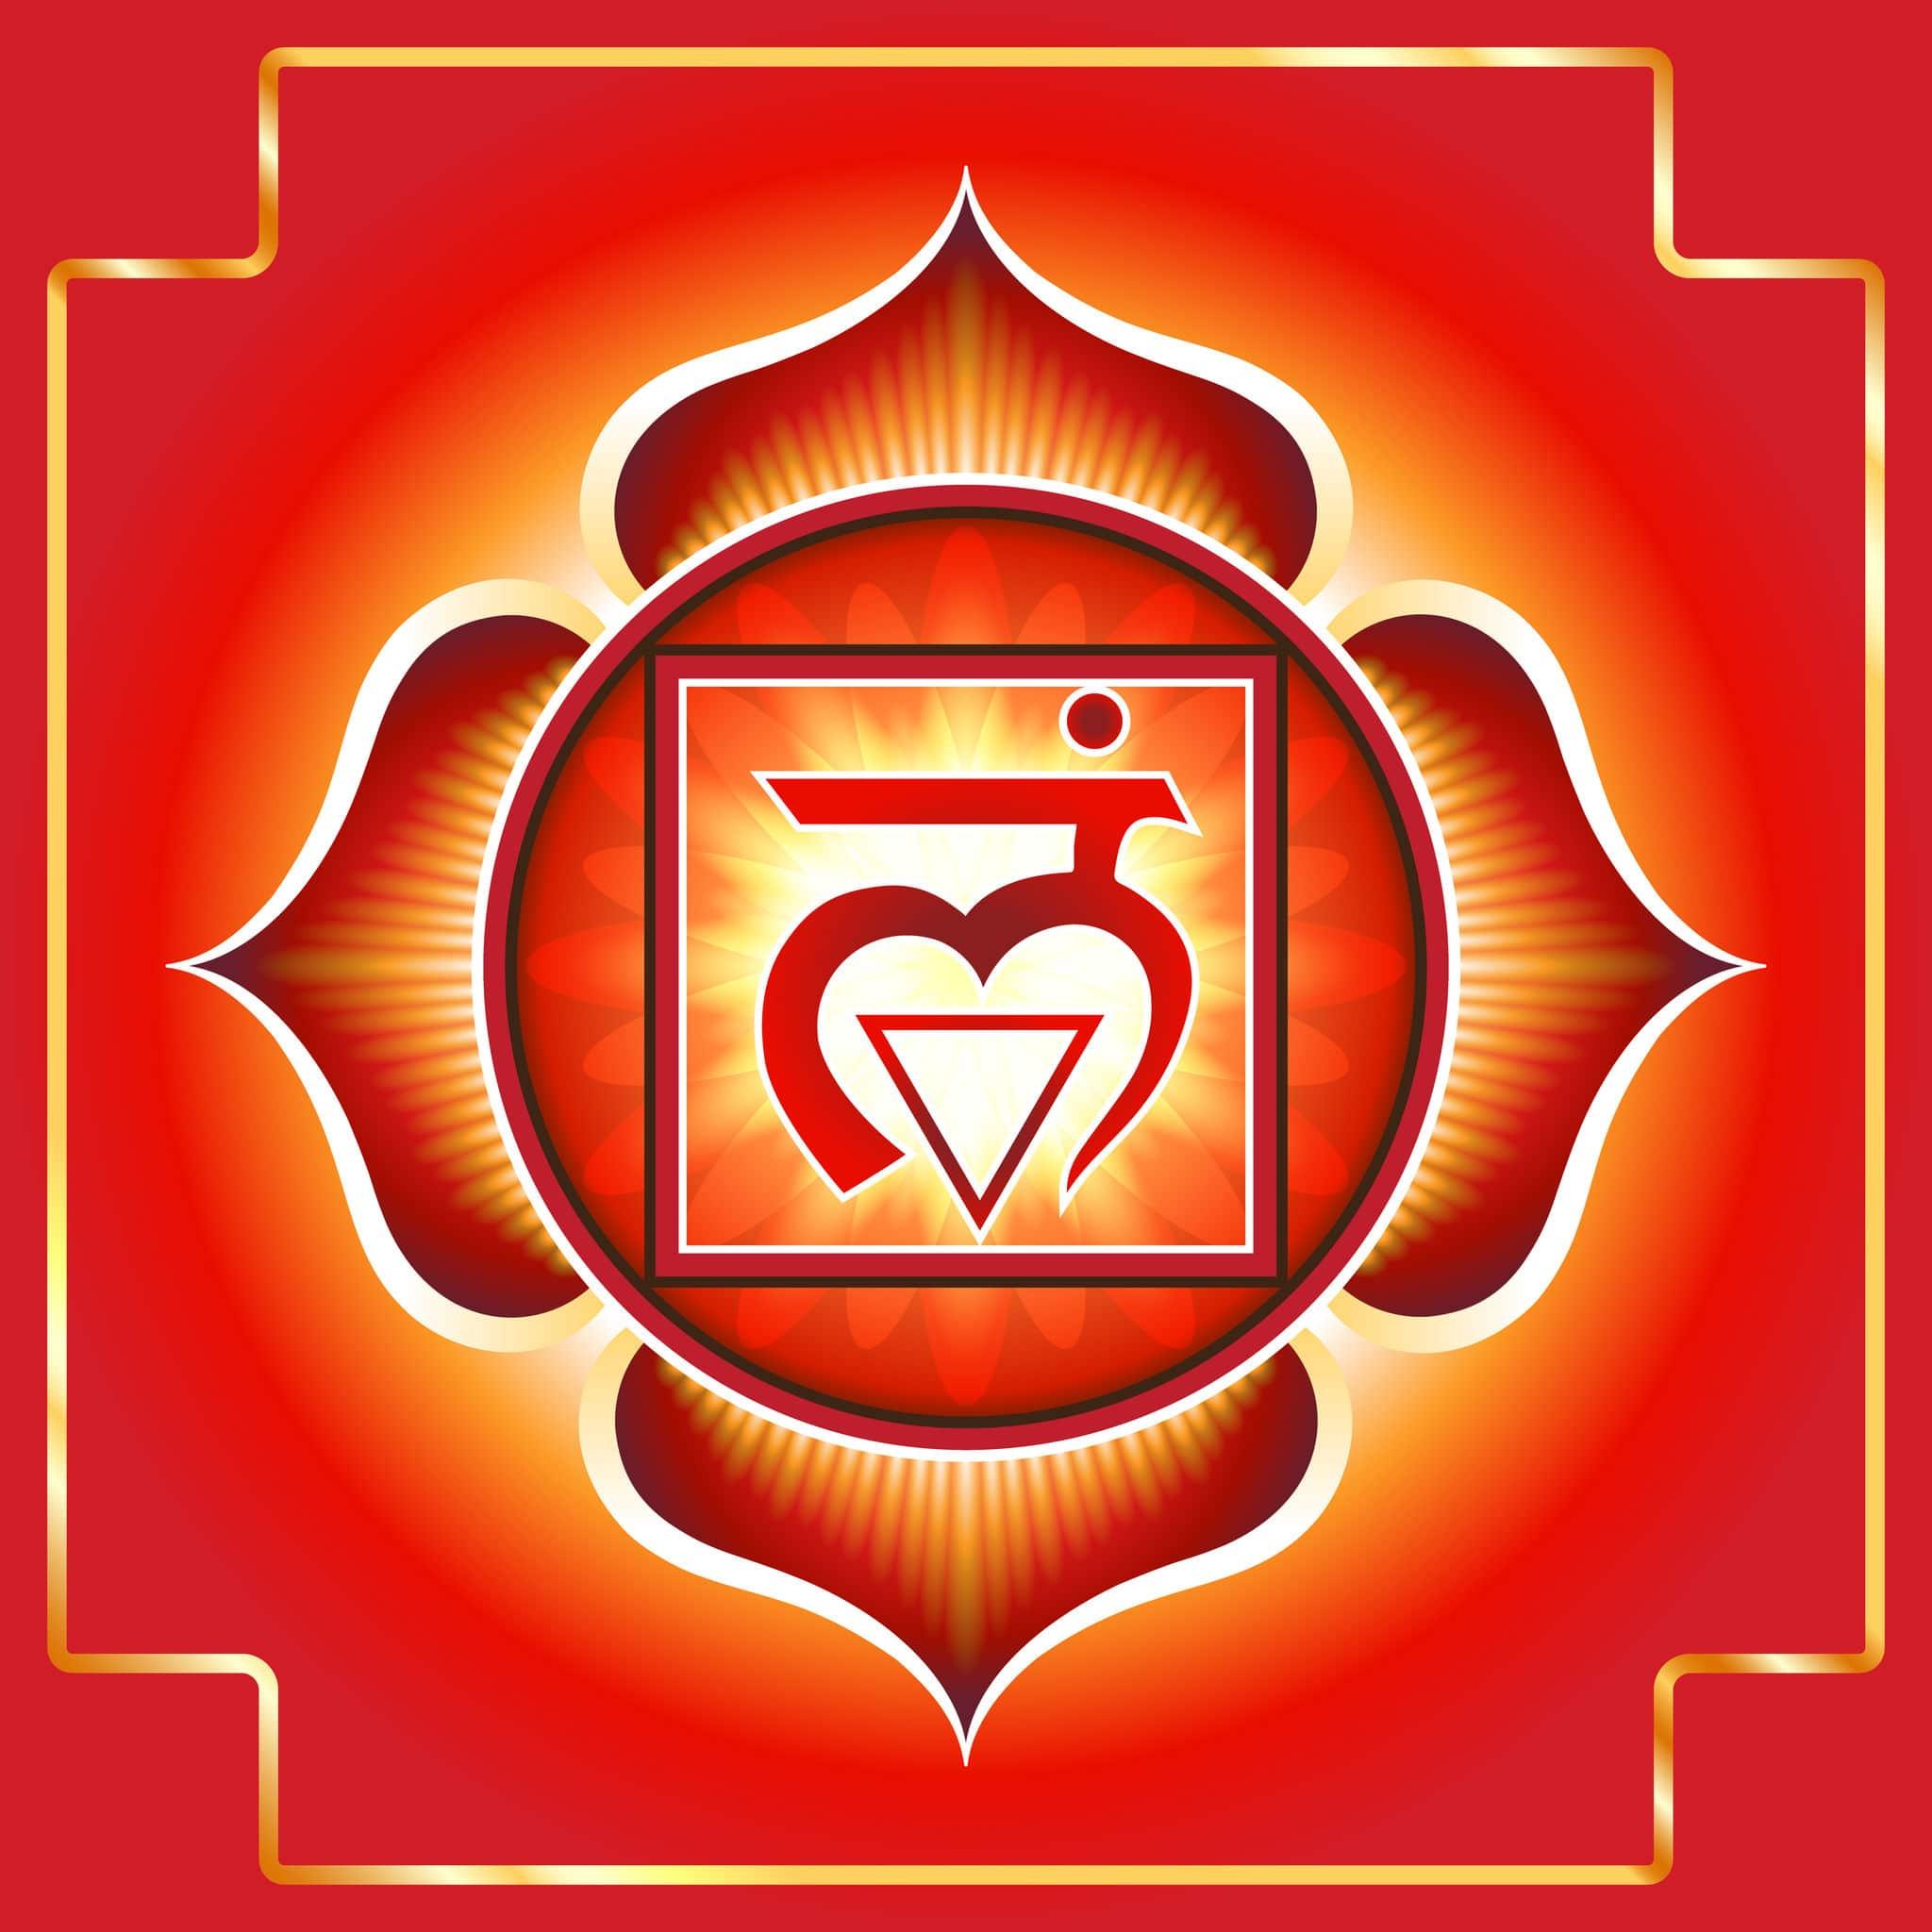 Desenho do símbolo do Chakra Raiz/Básico